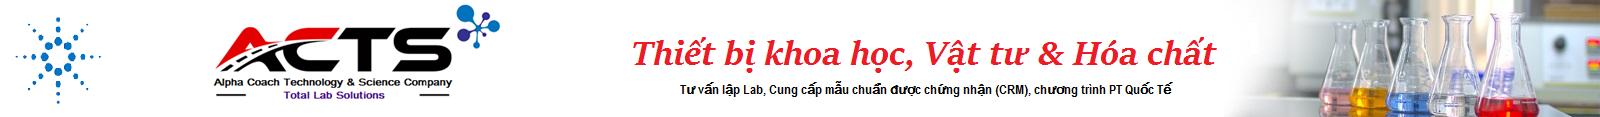 Công ty TNHH Khoa học và Công nghệ Alpha Coach